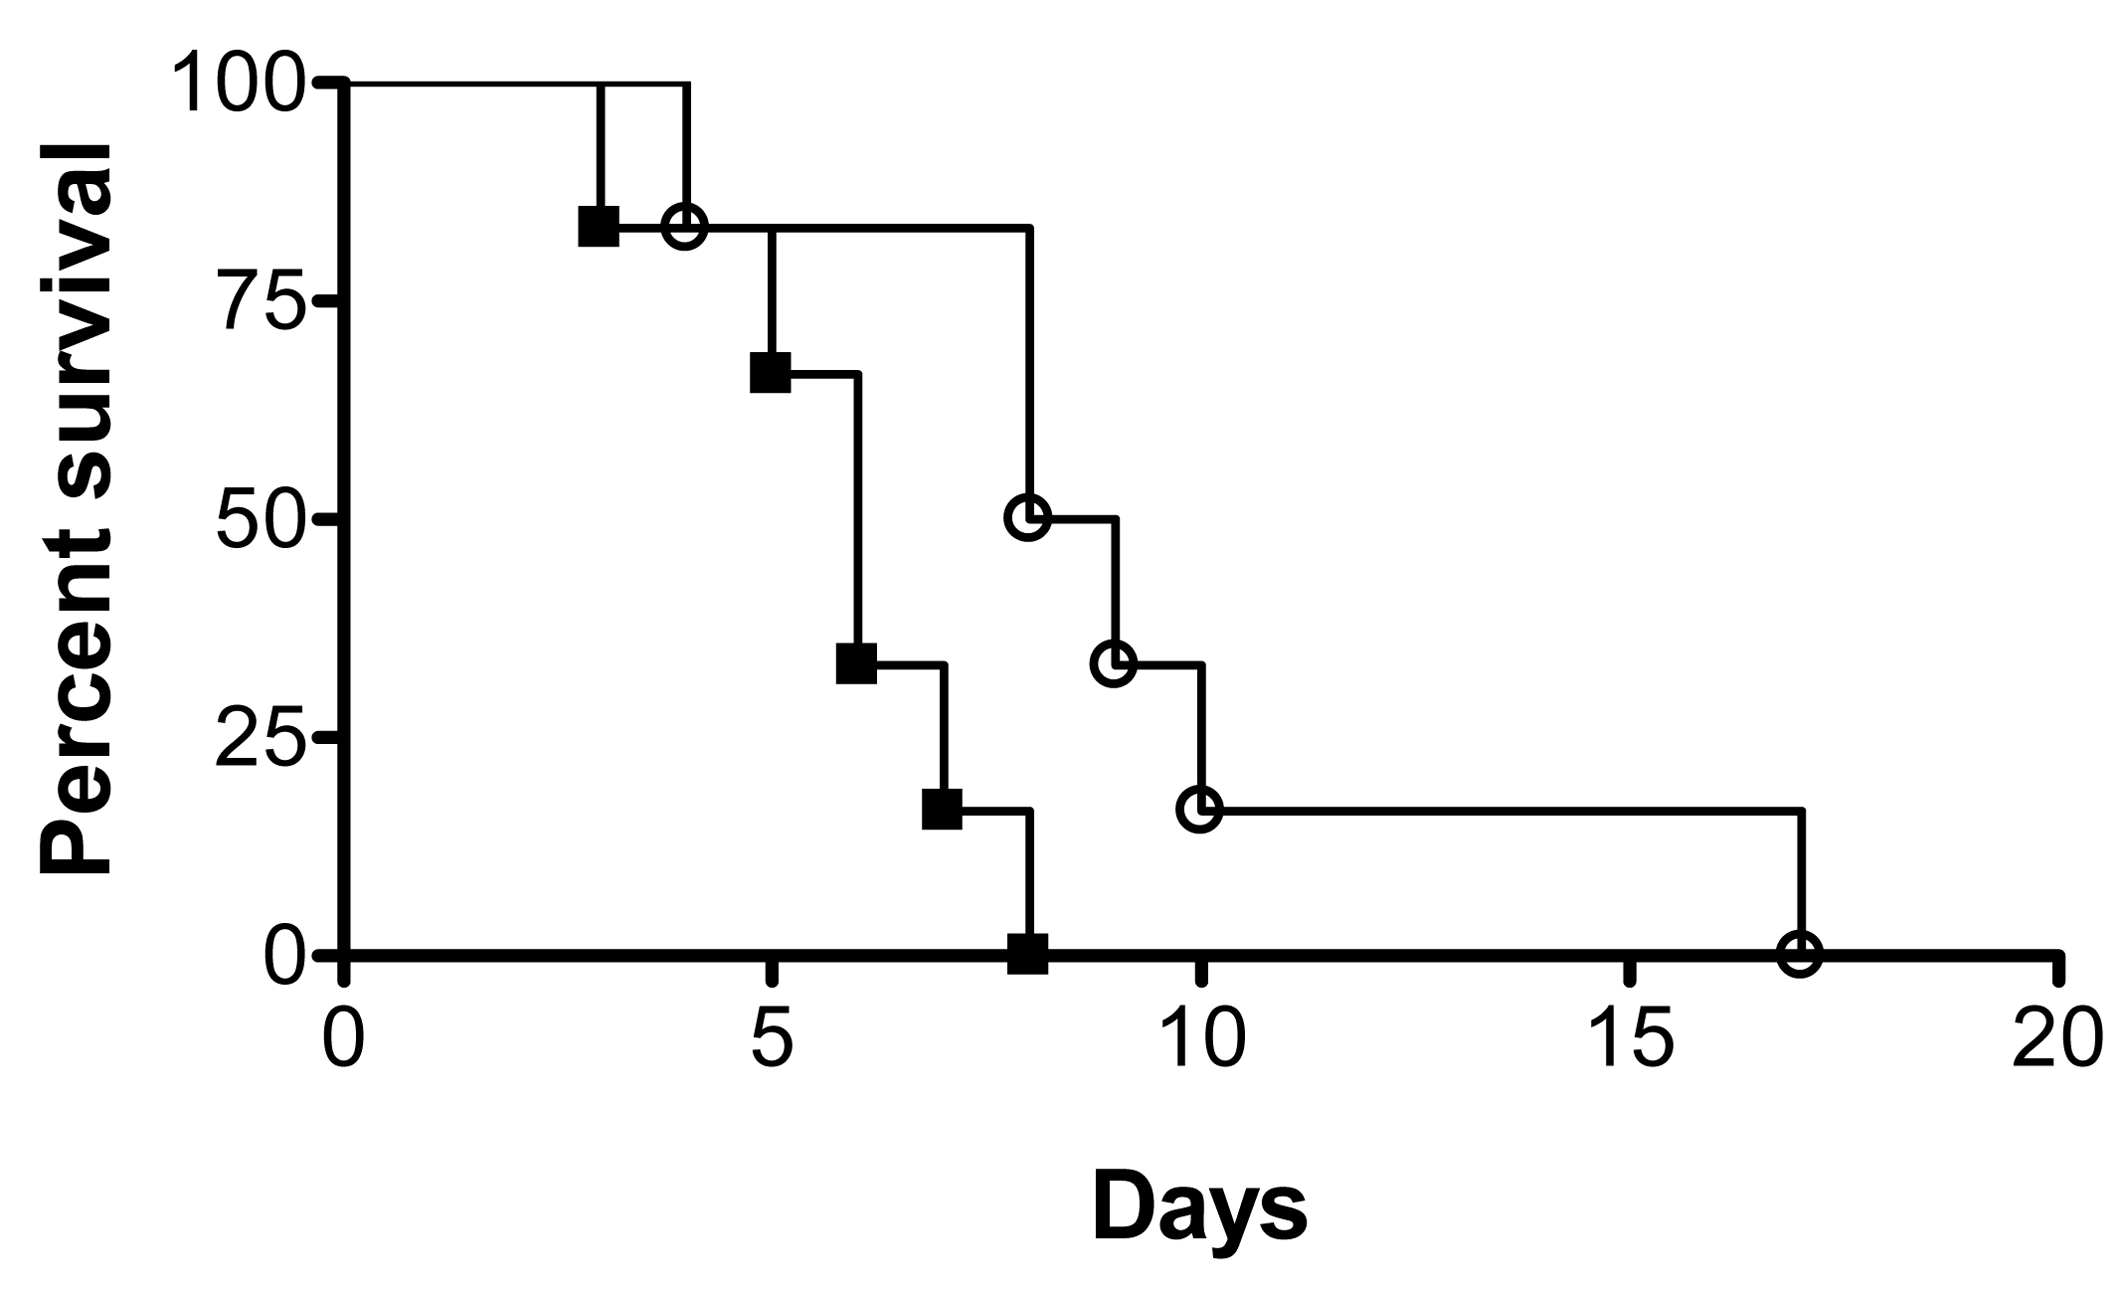 Dispersed cells display increased virulence in vivo.